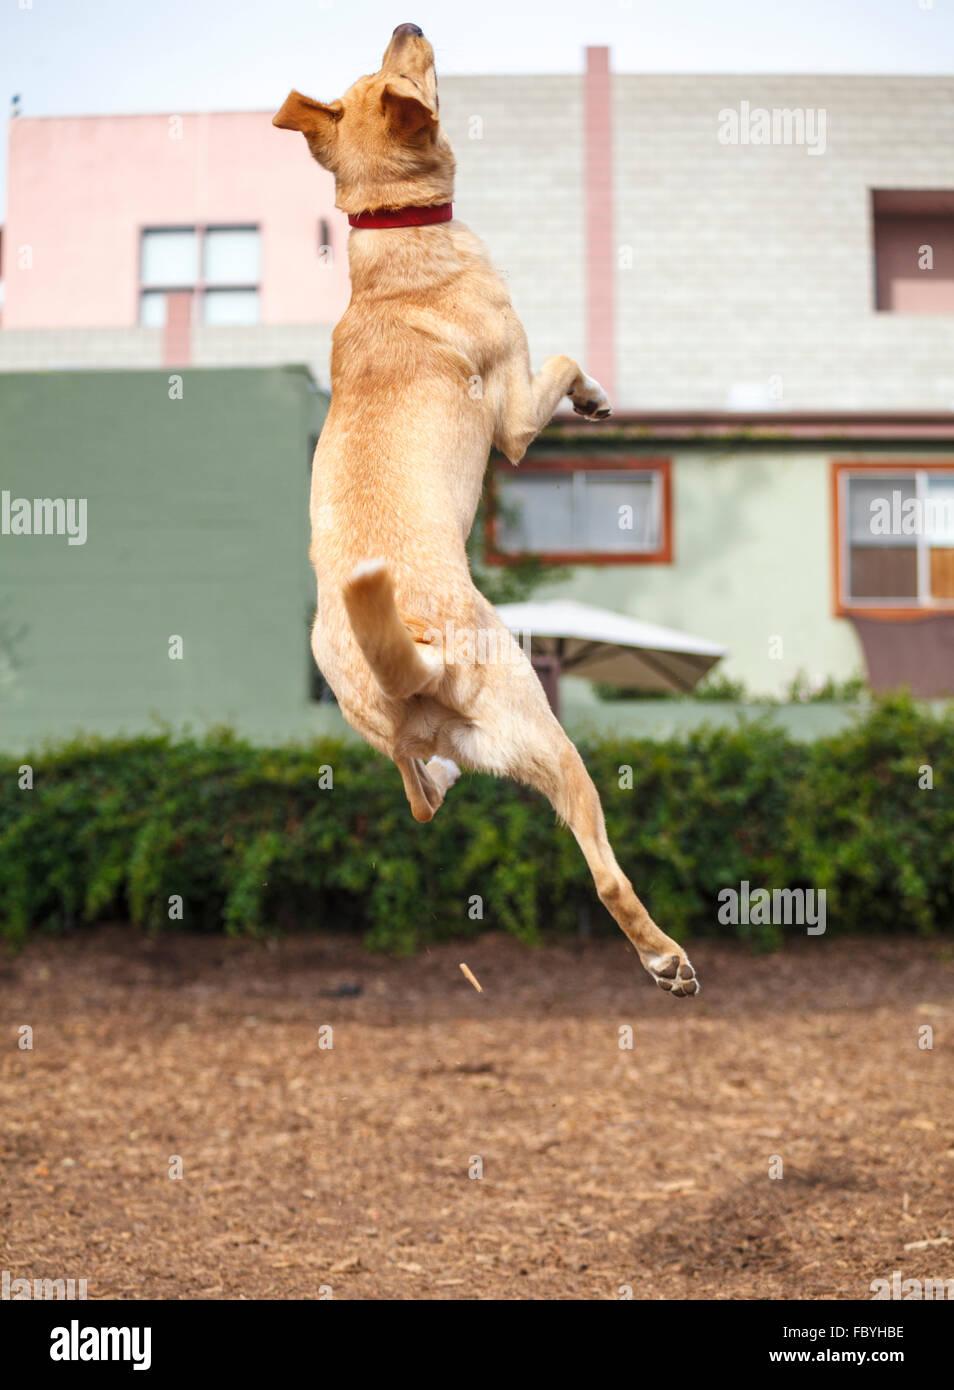 hund springt hoch